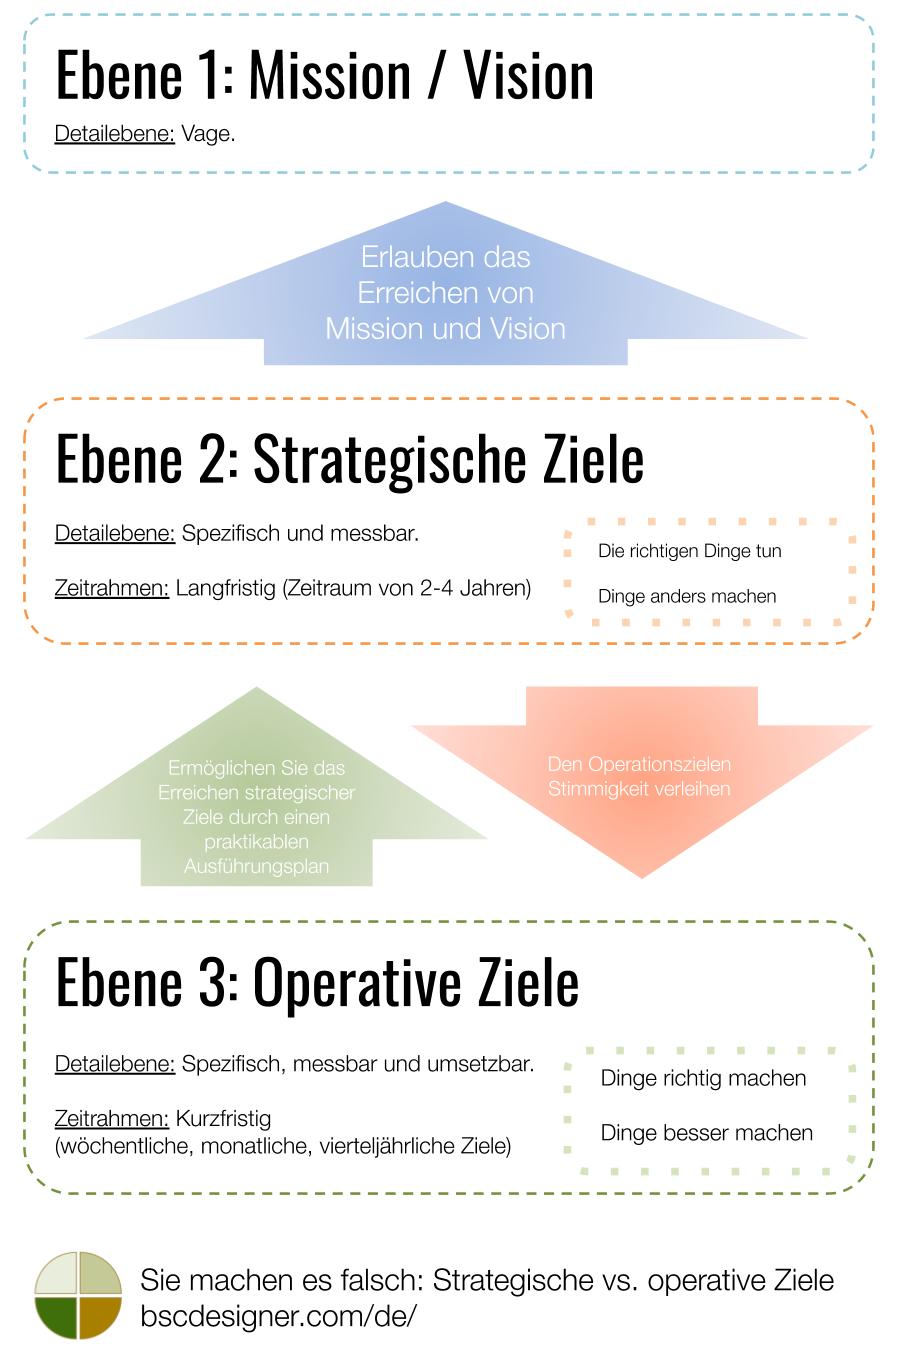 Strategische vs. operative Ziele